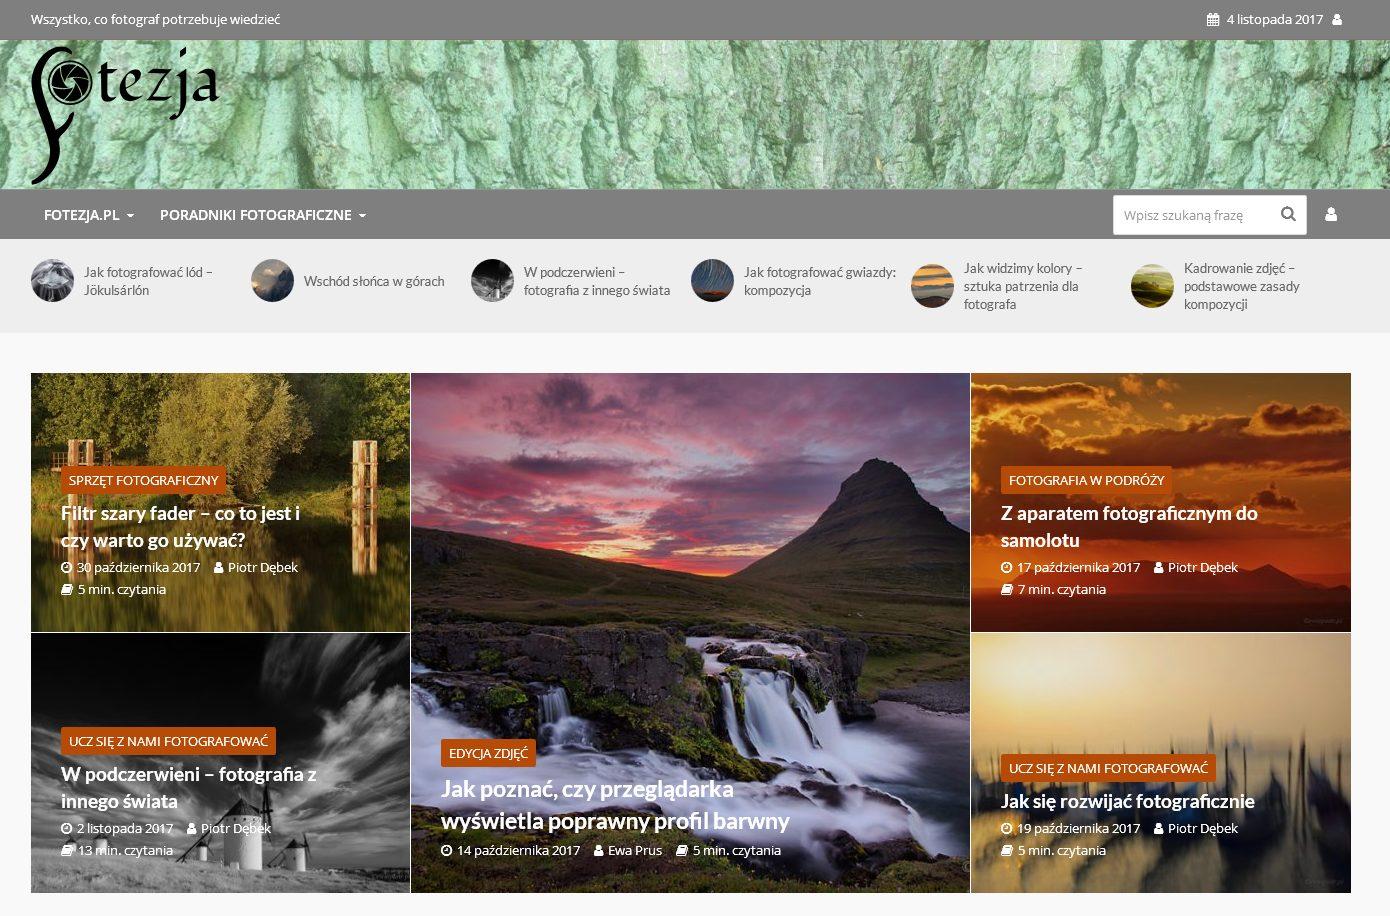 Fotezja – portal fotograficzny